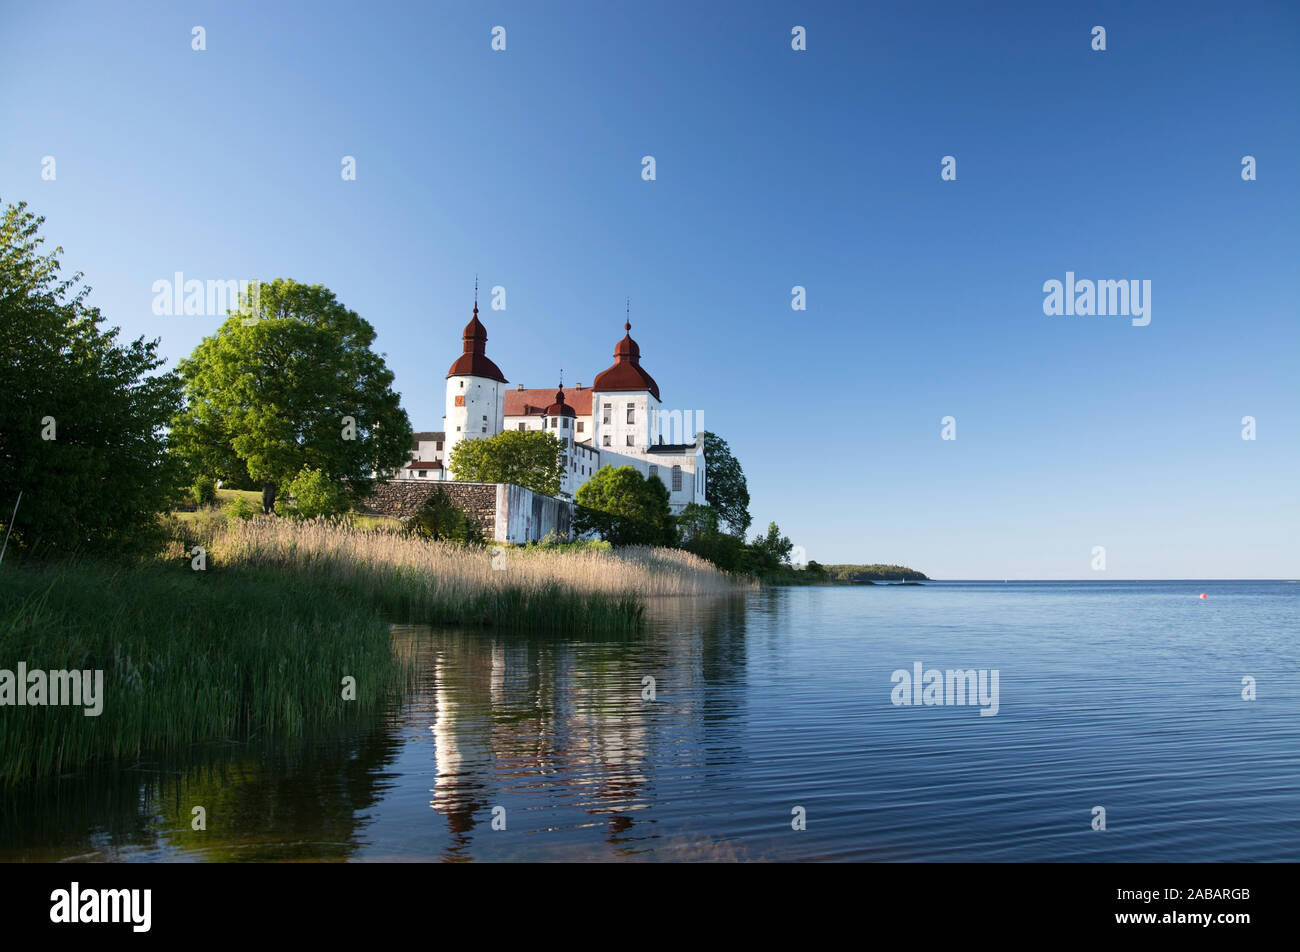 Schloss Läckö in Västergötland auf der Insel Kallandsö im Vänern gehört zu den Barockschlössern Schwedens. Stock Photo